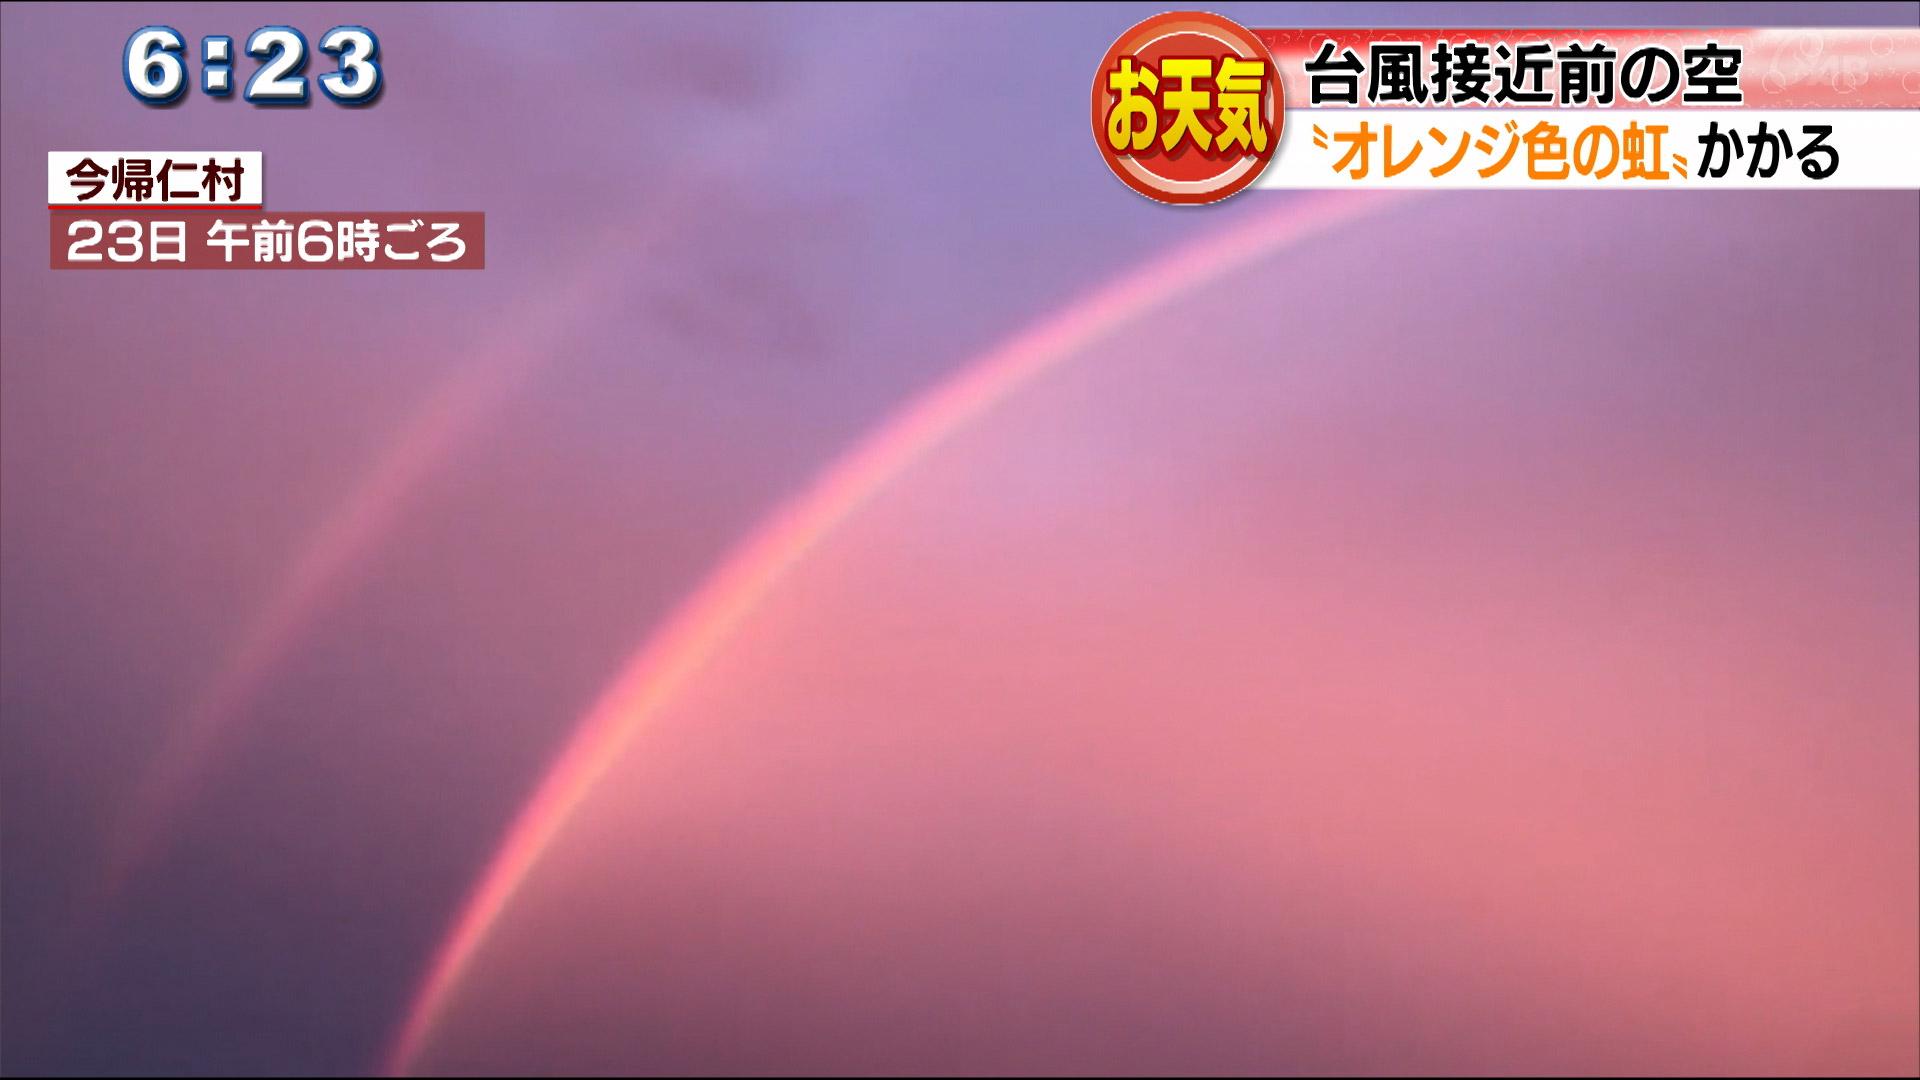 お天気話題 オレンジの虹